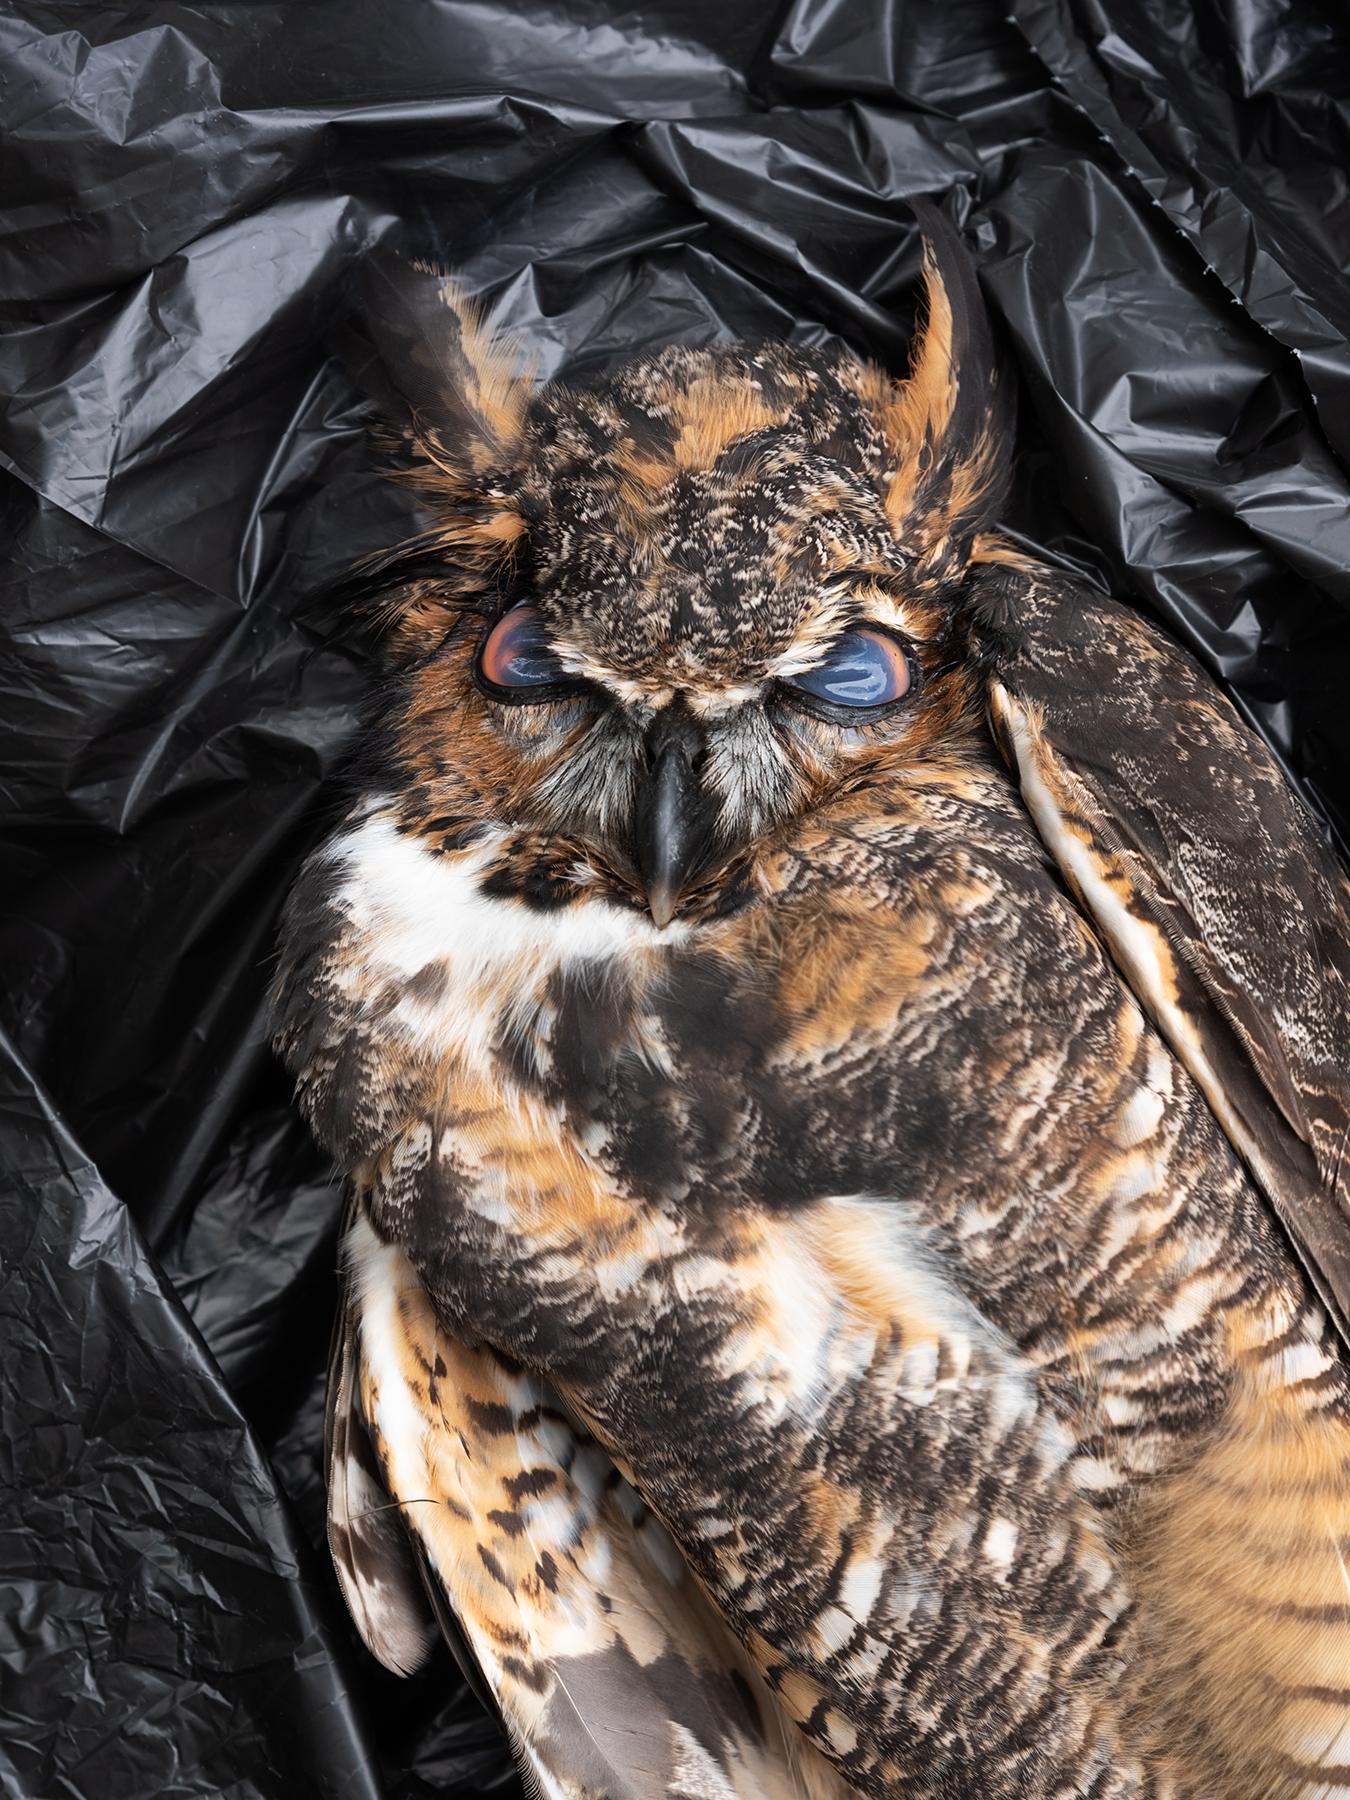 LINDA_KUO_wildlife_greathornedowl_1.jpg